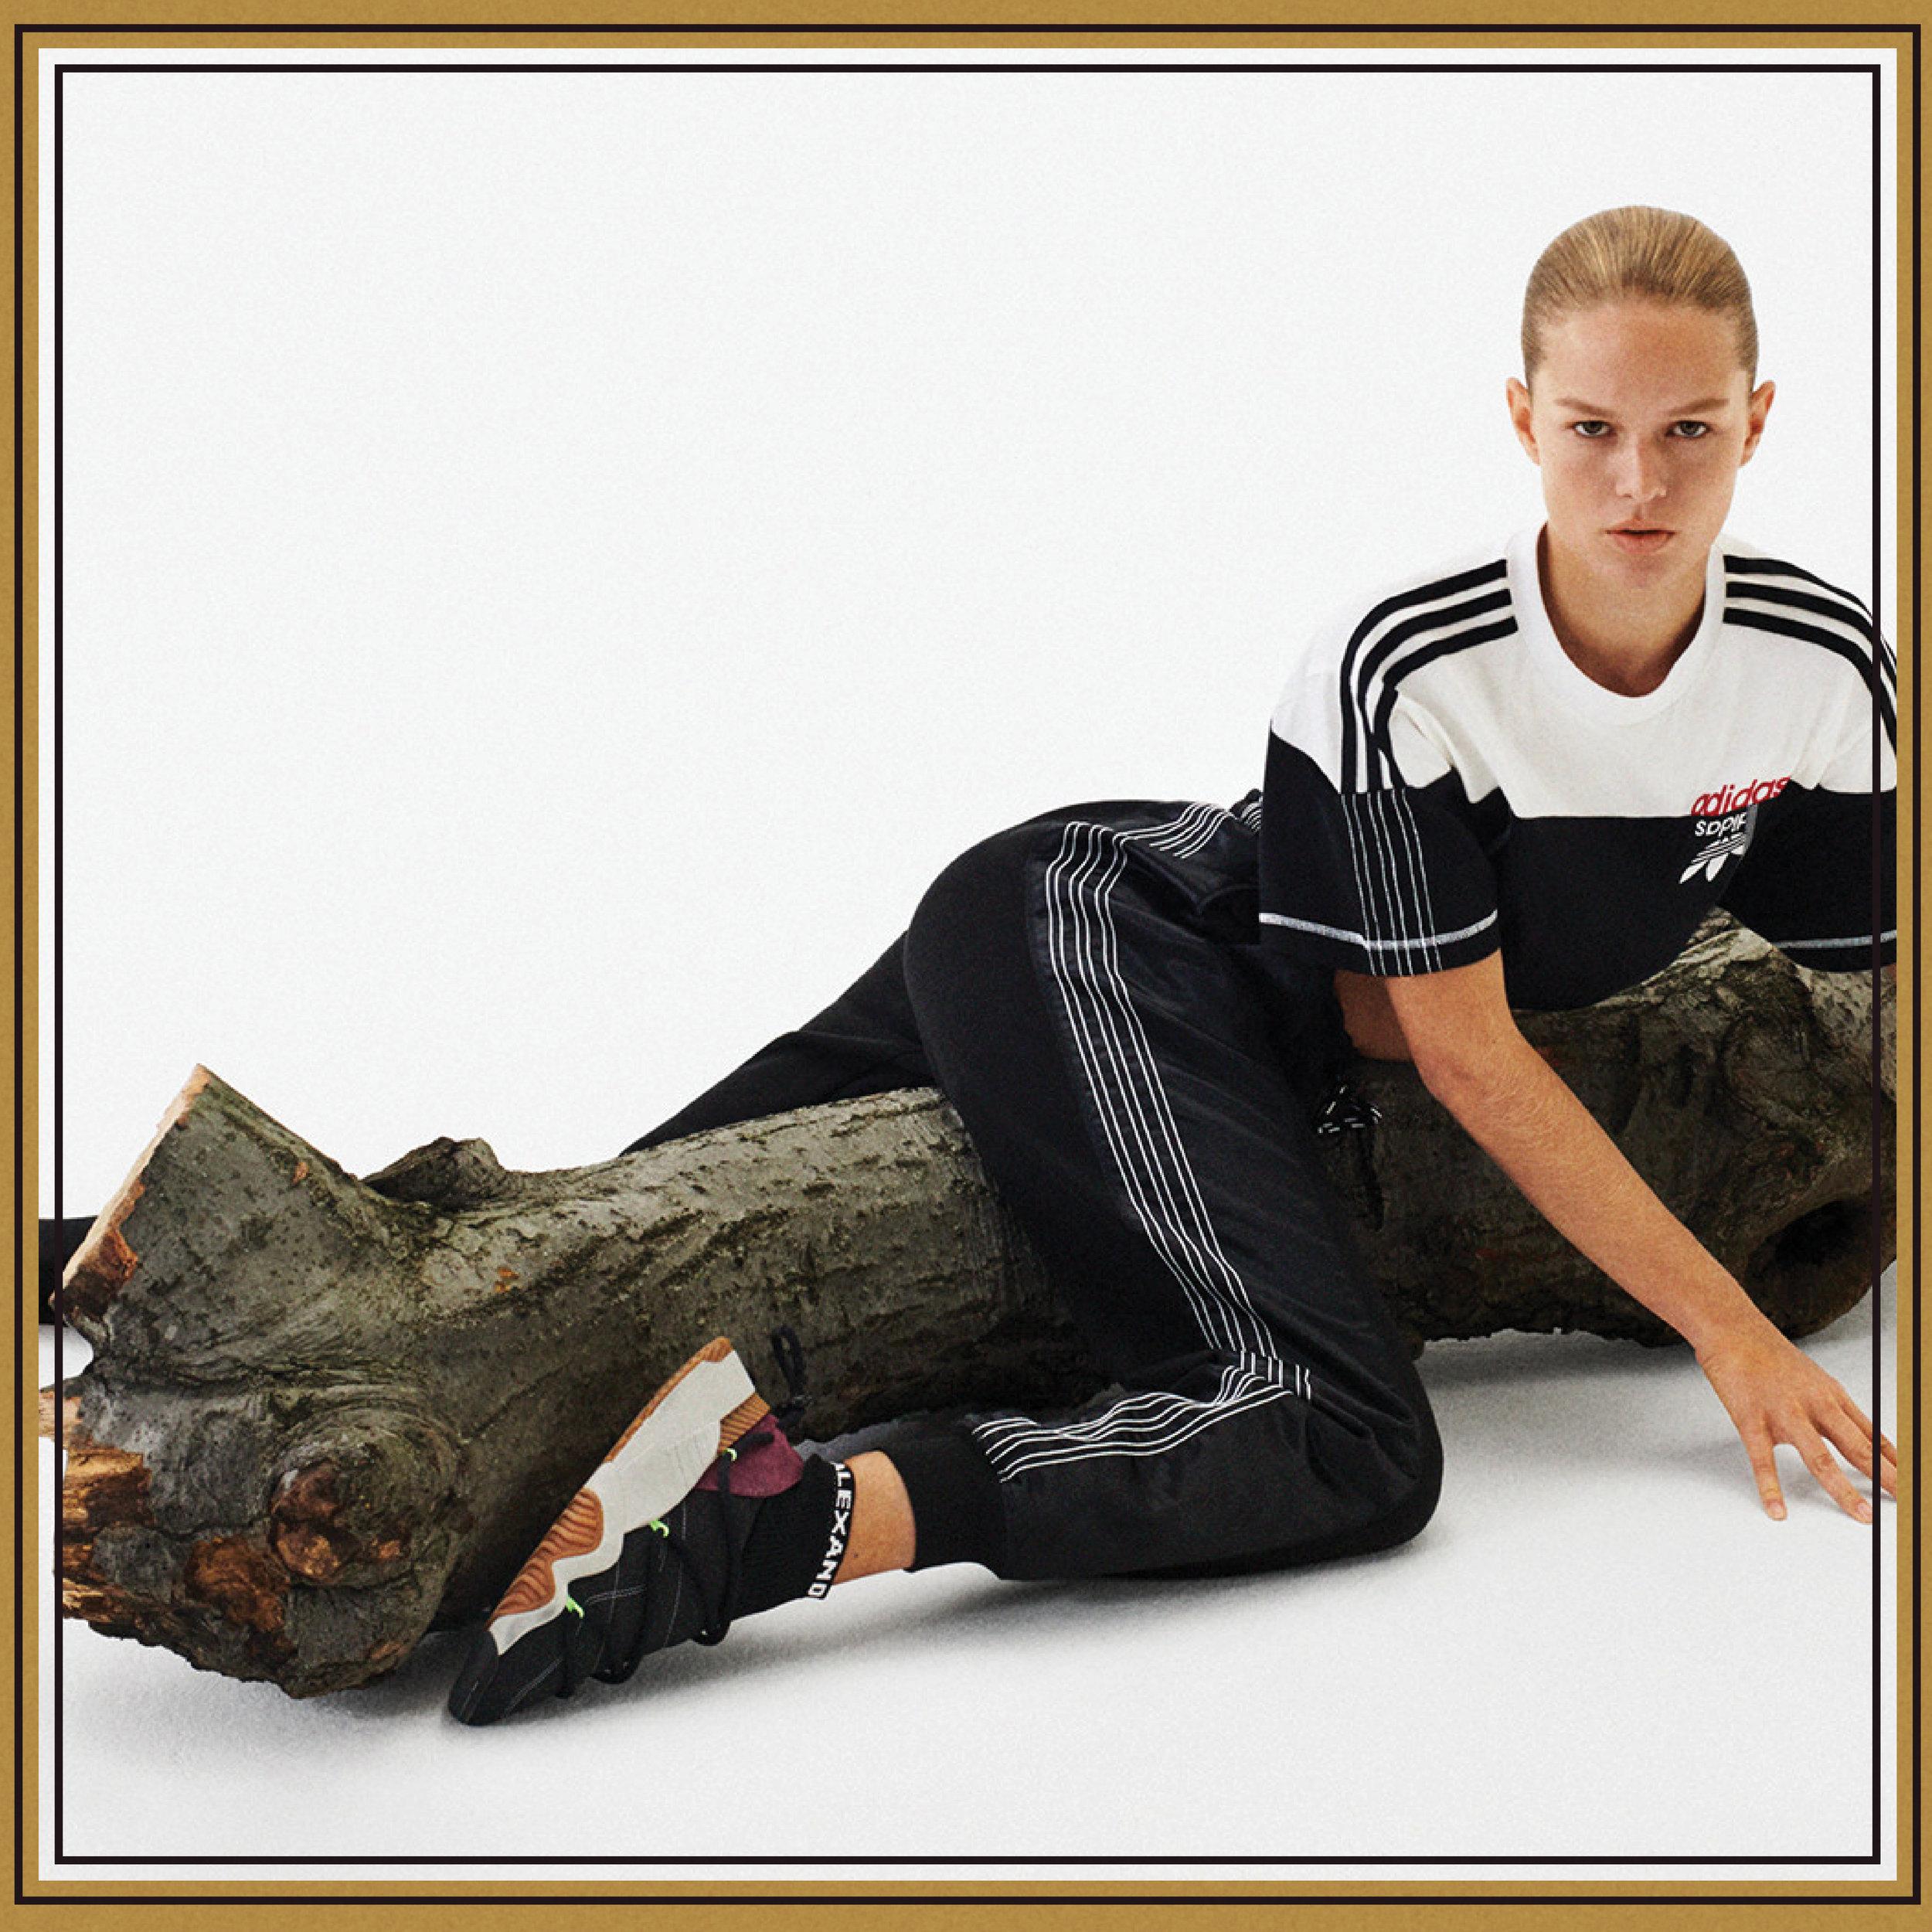 adidaswang15.jpg